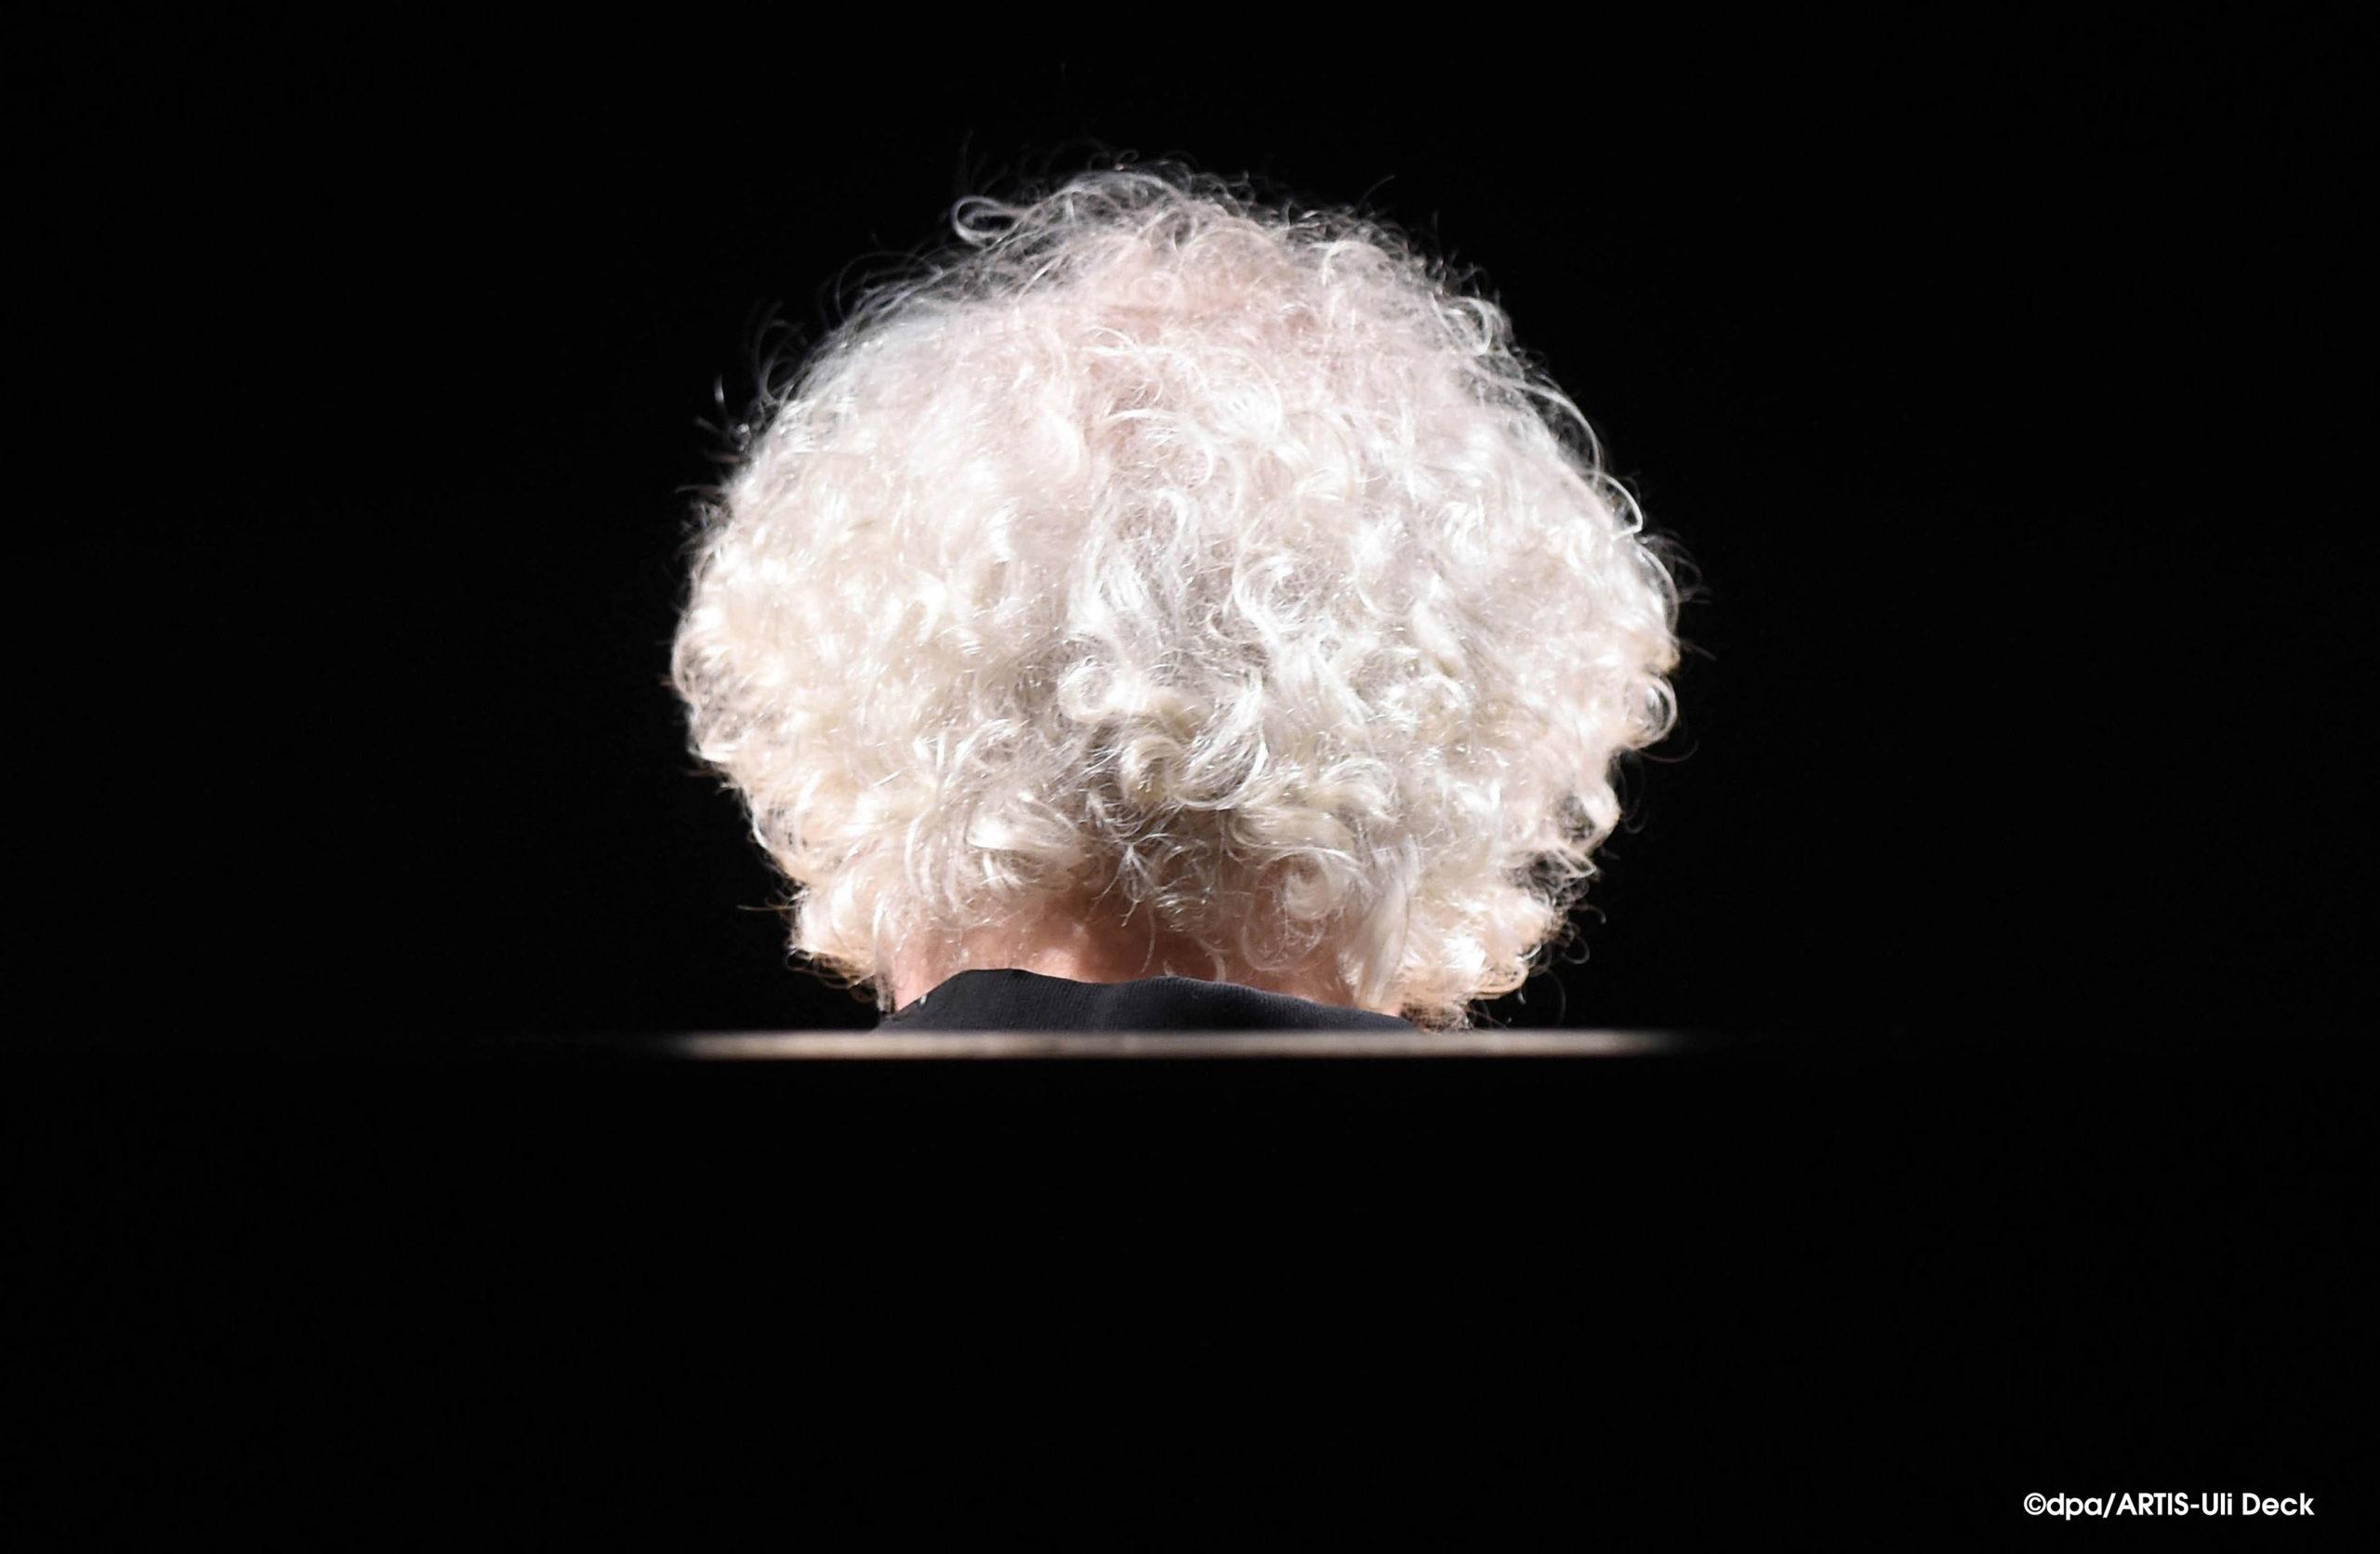 1. Platz dpa Bild des Jahres 2014 in der Kategorie Portrait. Sir Simon Rattle im Festspielhaus Baden-Baden